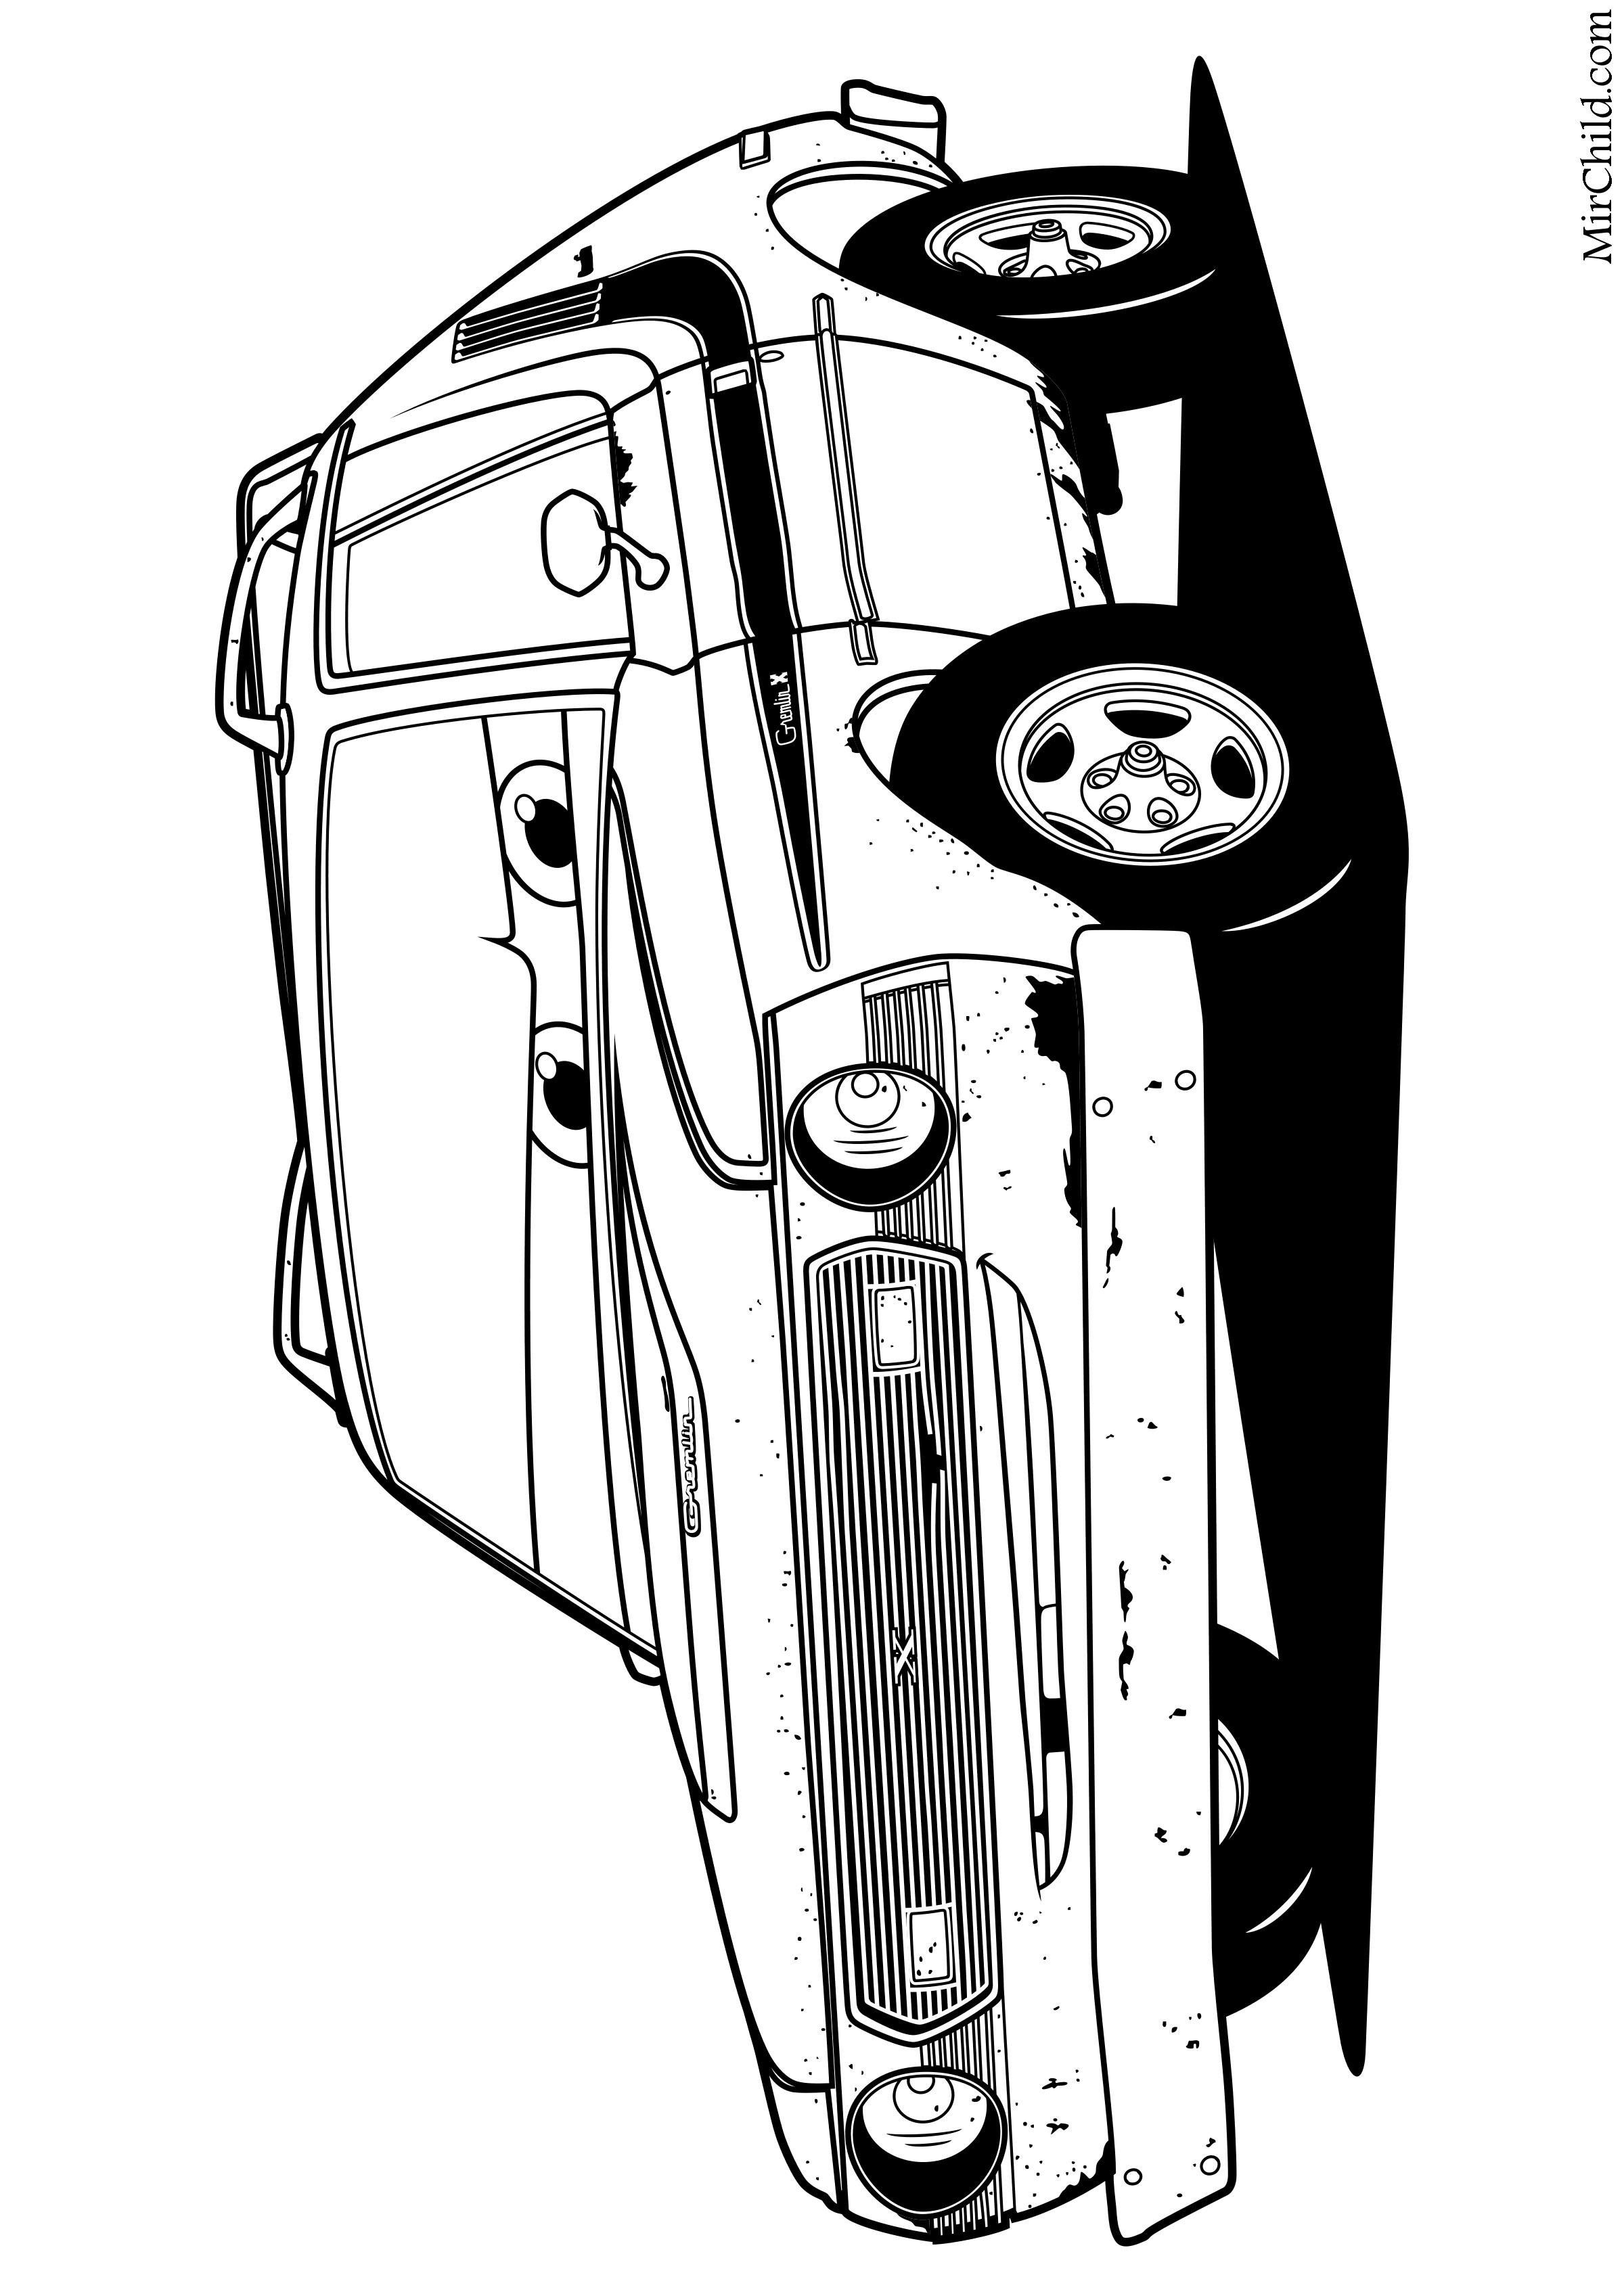 Раскраска - Тачки 2 - Грем | MirChild